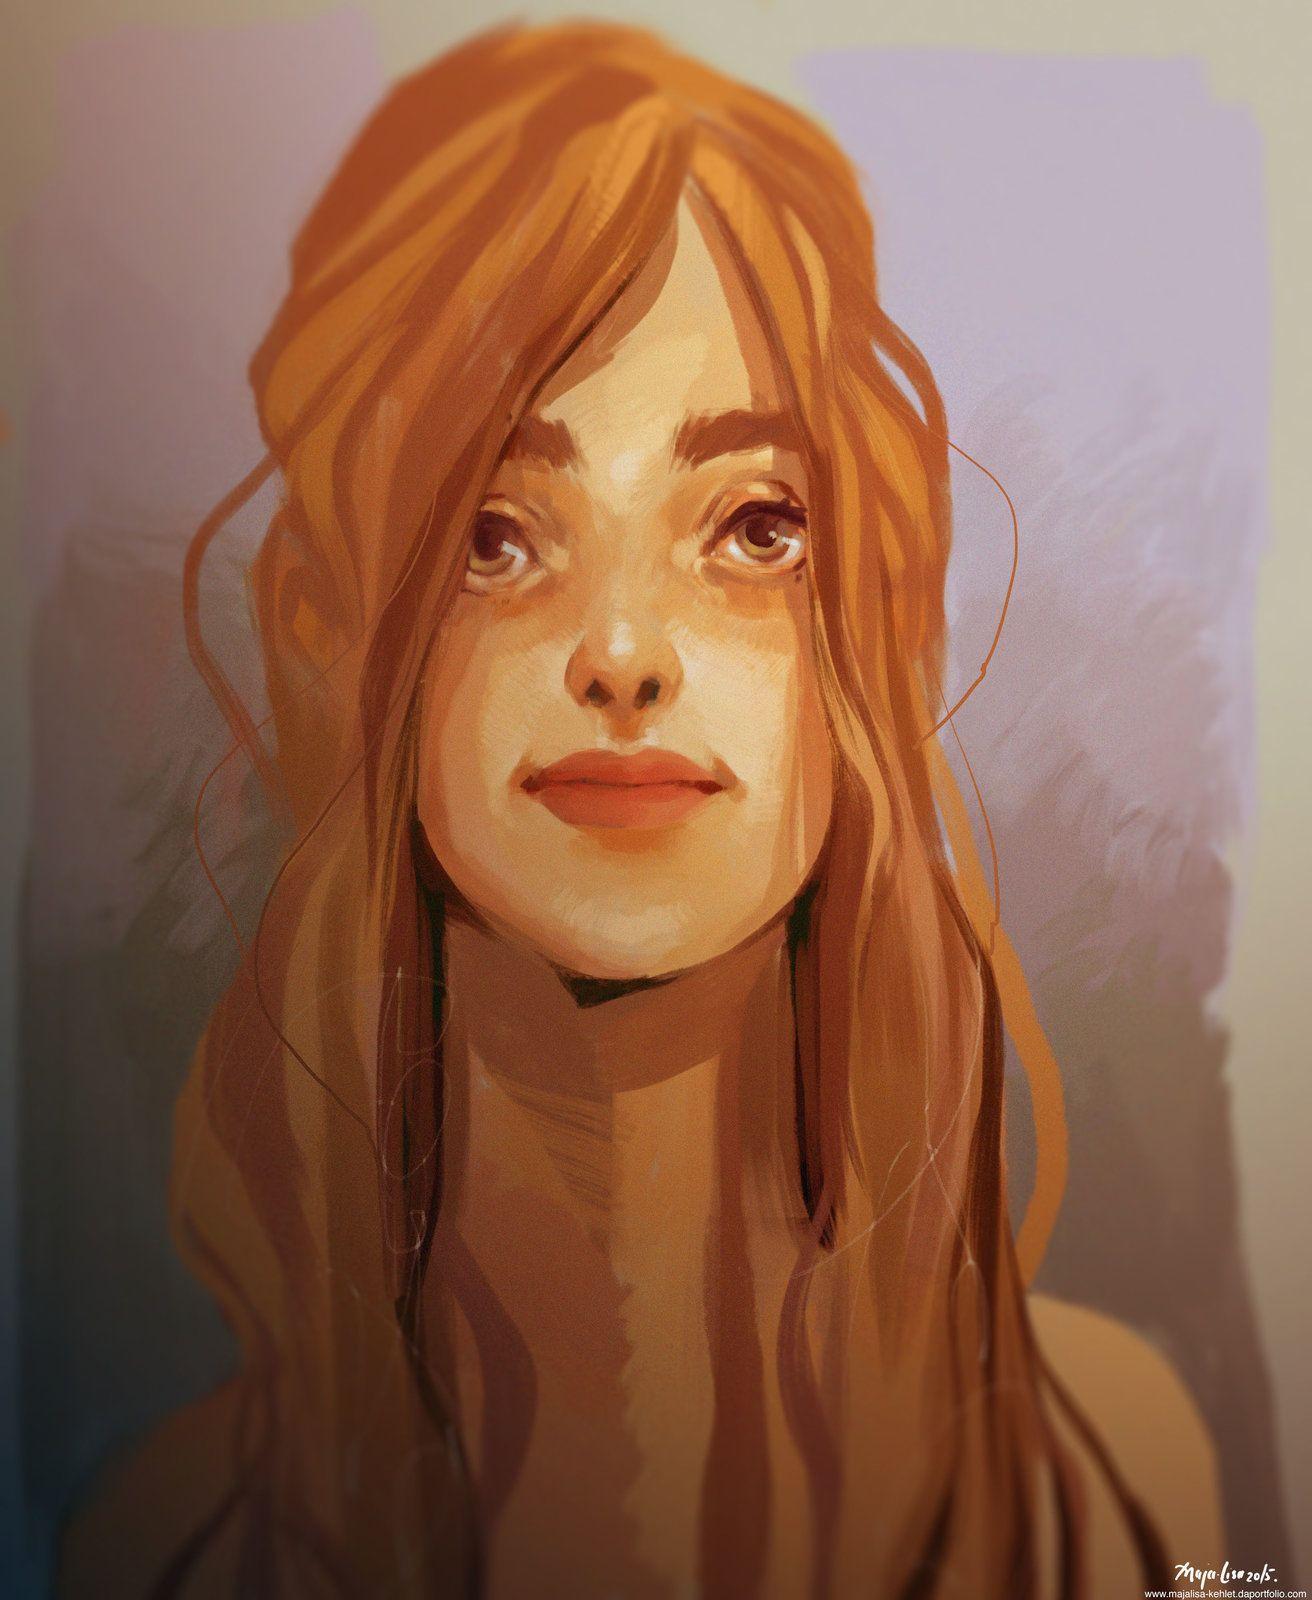 Sunface , Maja-Lisa Kehlet on ArtStation at https://www.artstation.com/artwork/1NzN3